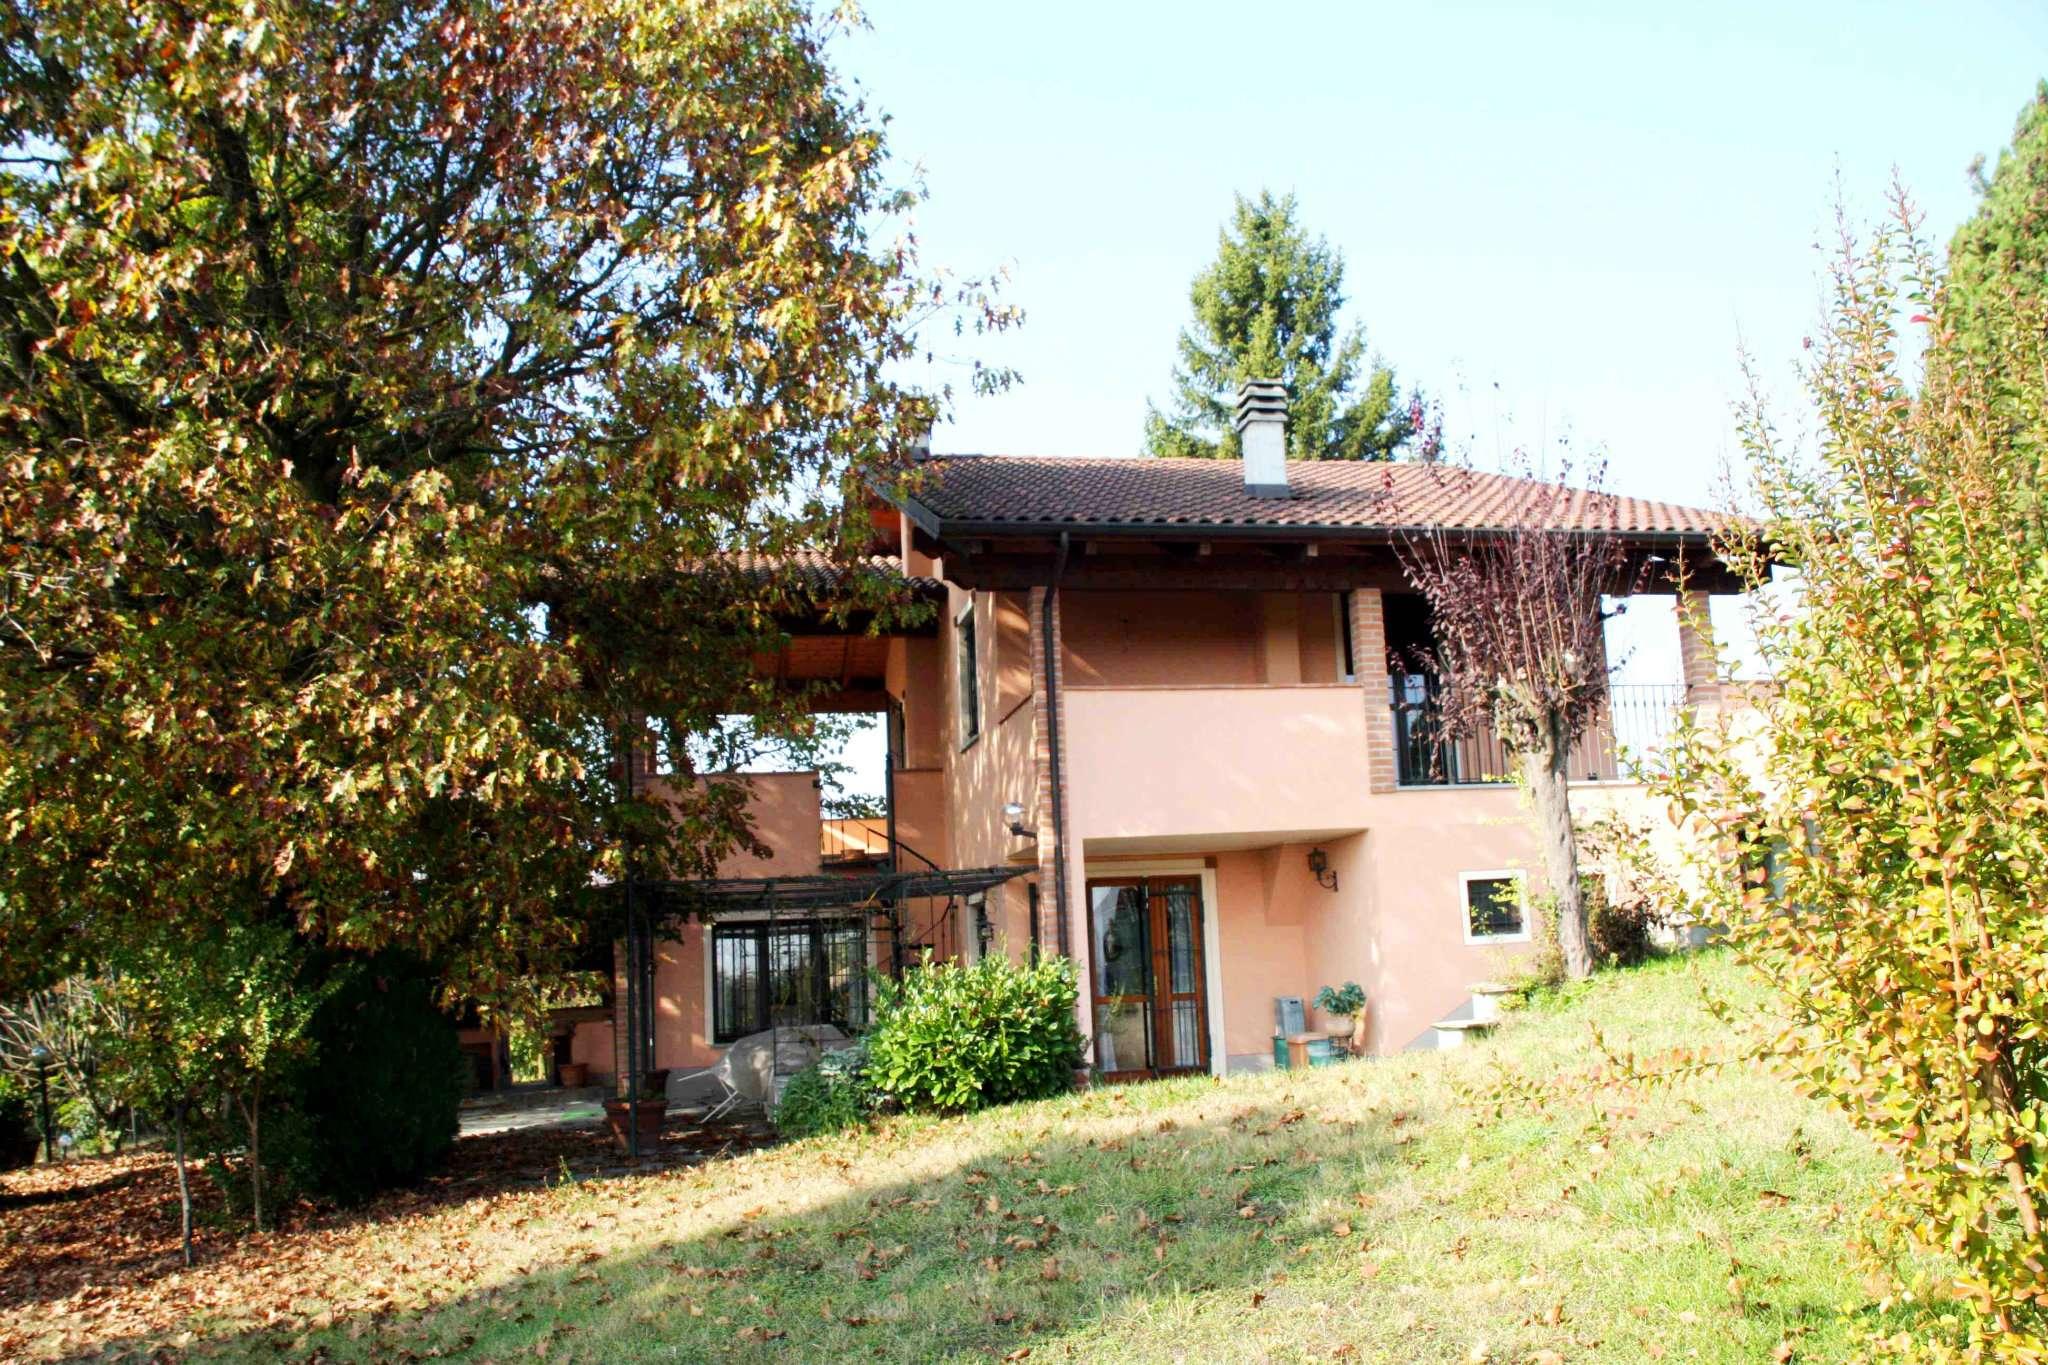 Villa in vendita a Monale, 10 locali, prezzo € 298.000 | CambioCasa.it